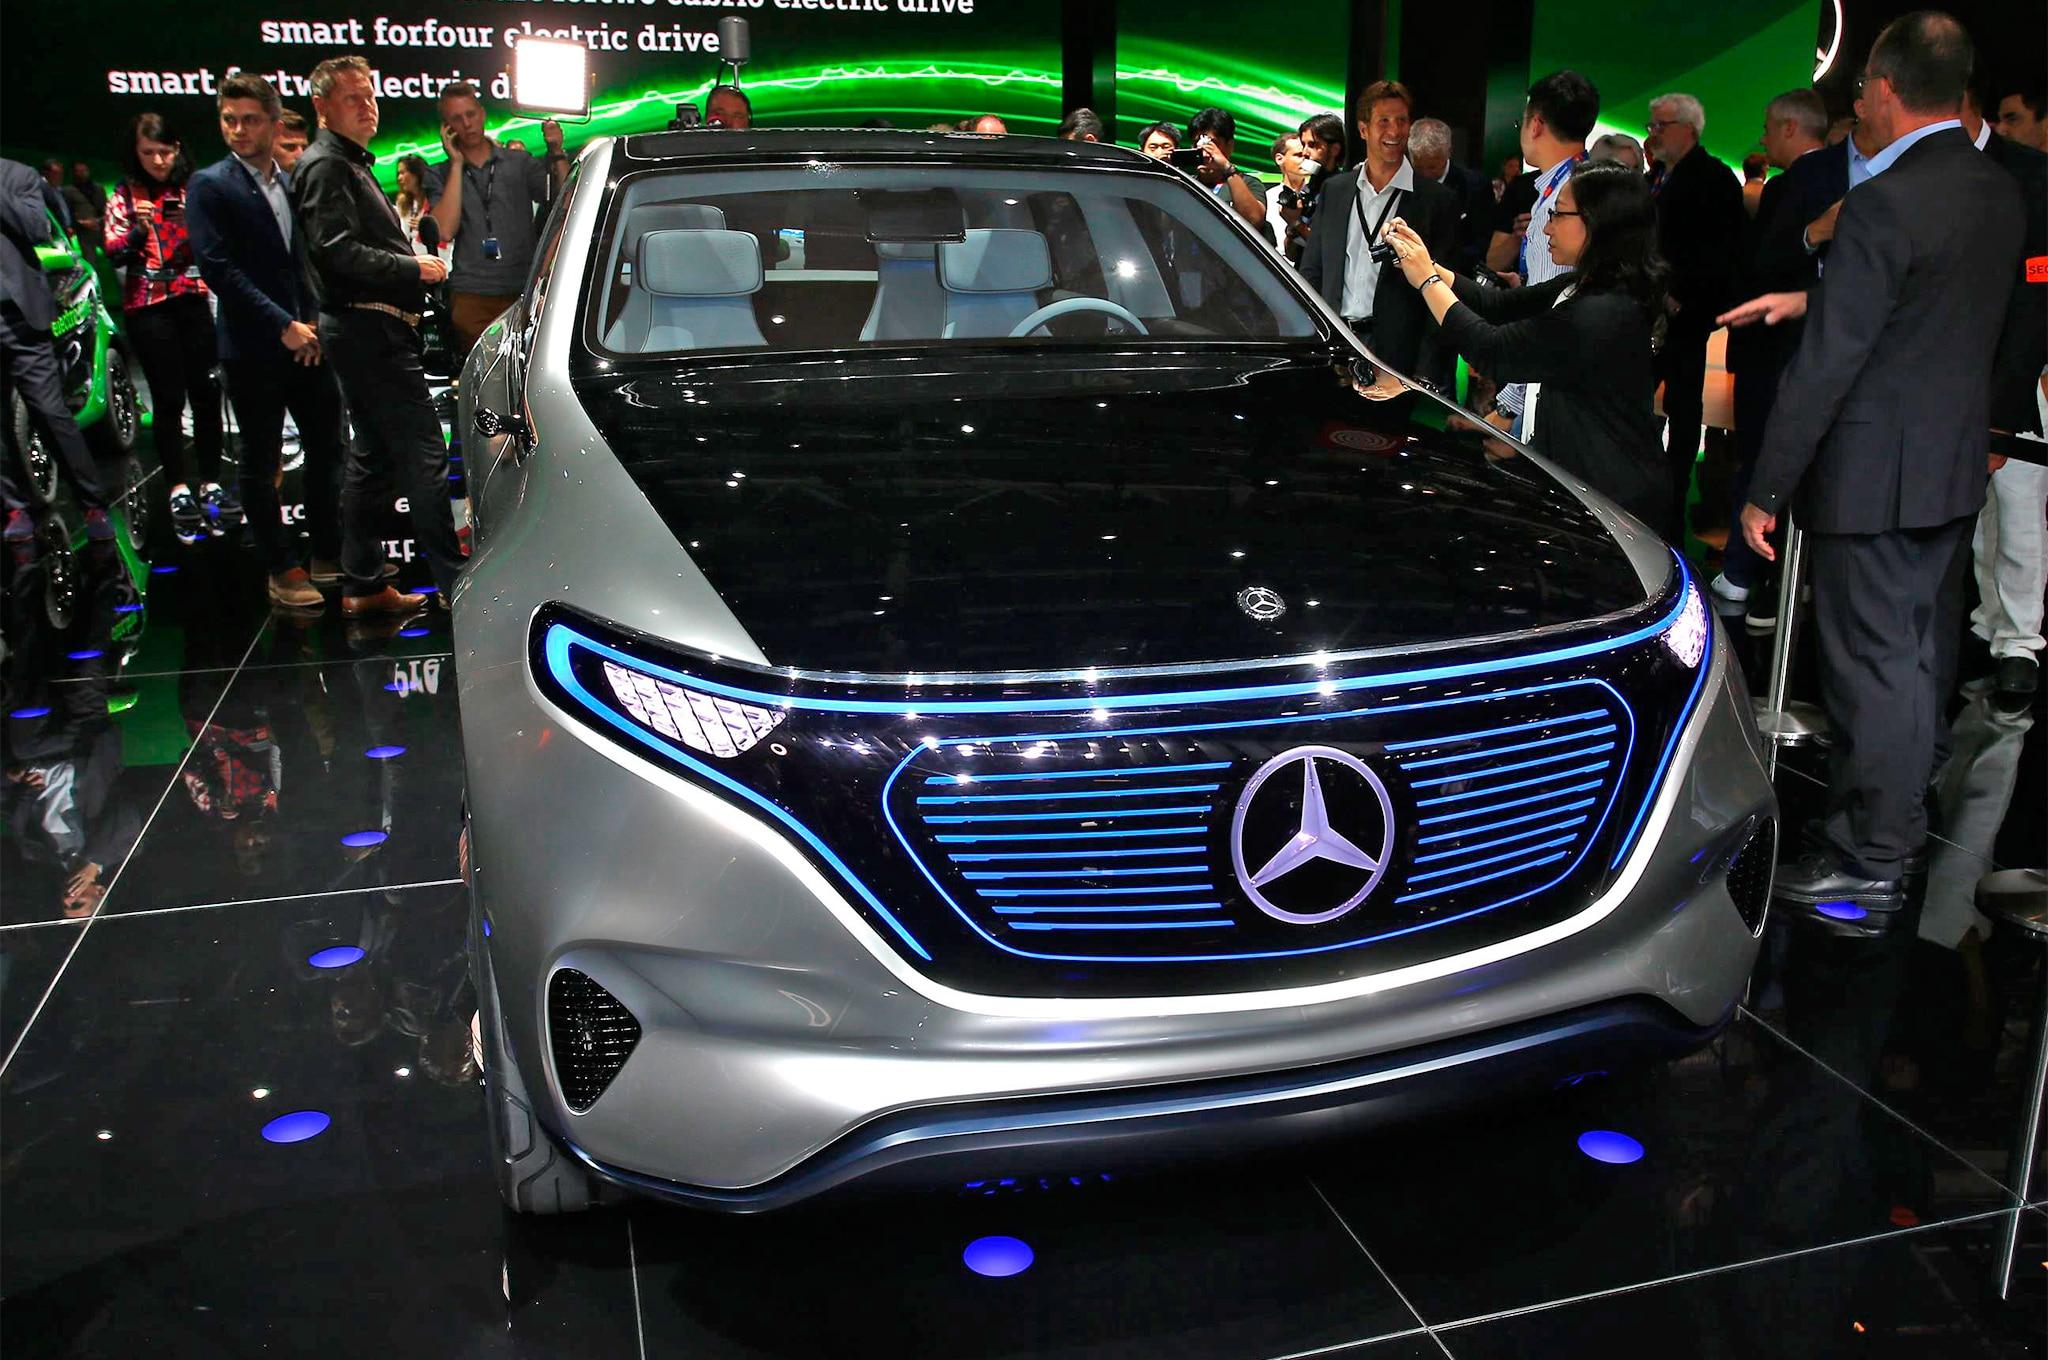 Mercedes Benz Lease >> Mercedes-Benz Reveals Electric Generation EQ Concept SUV ...